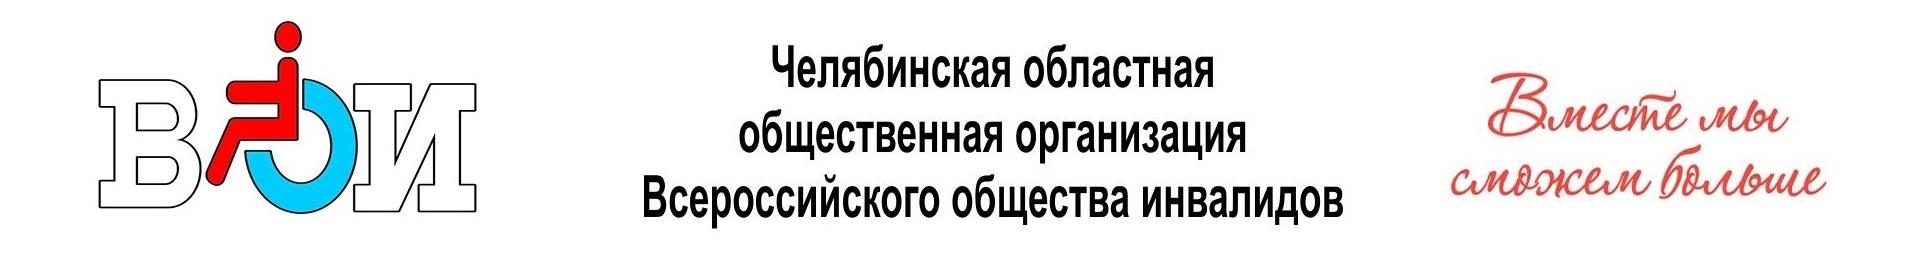 Челябинская областная общественная организация Всероссийского общества инвалидов